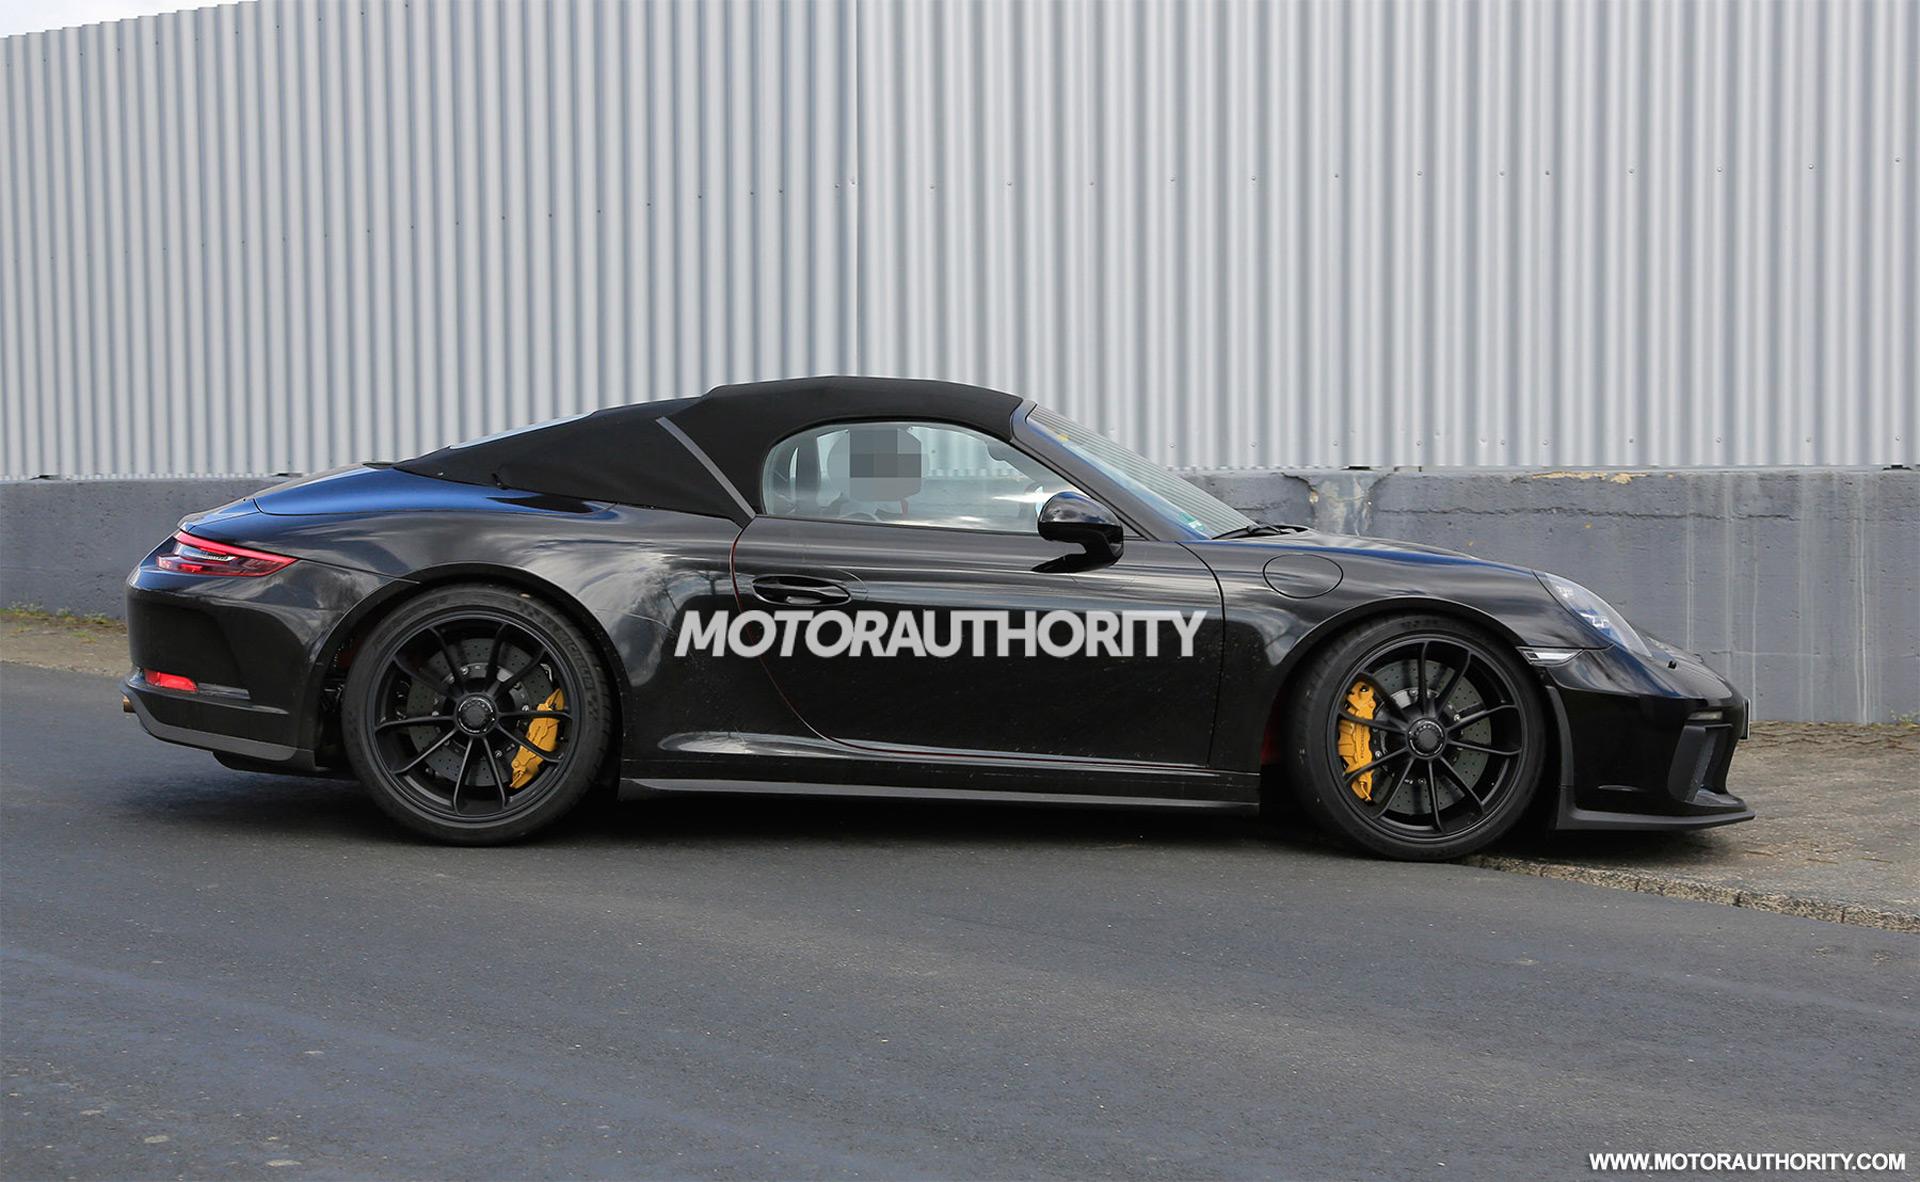 Porsche 911 Speedster Lamborghini Aventador SVJ Aston